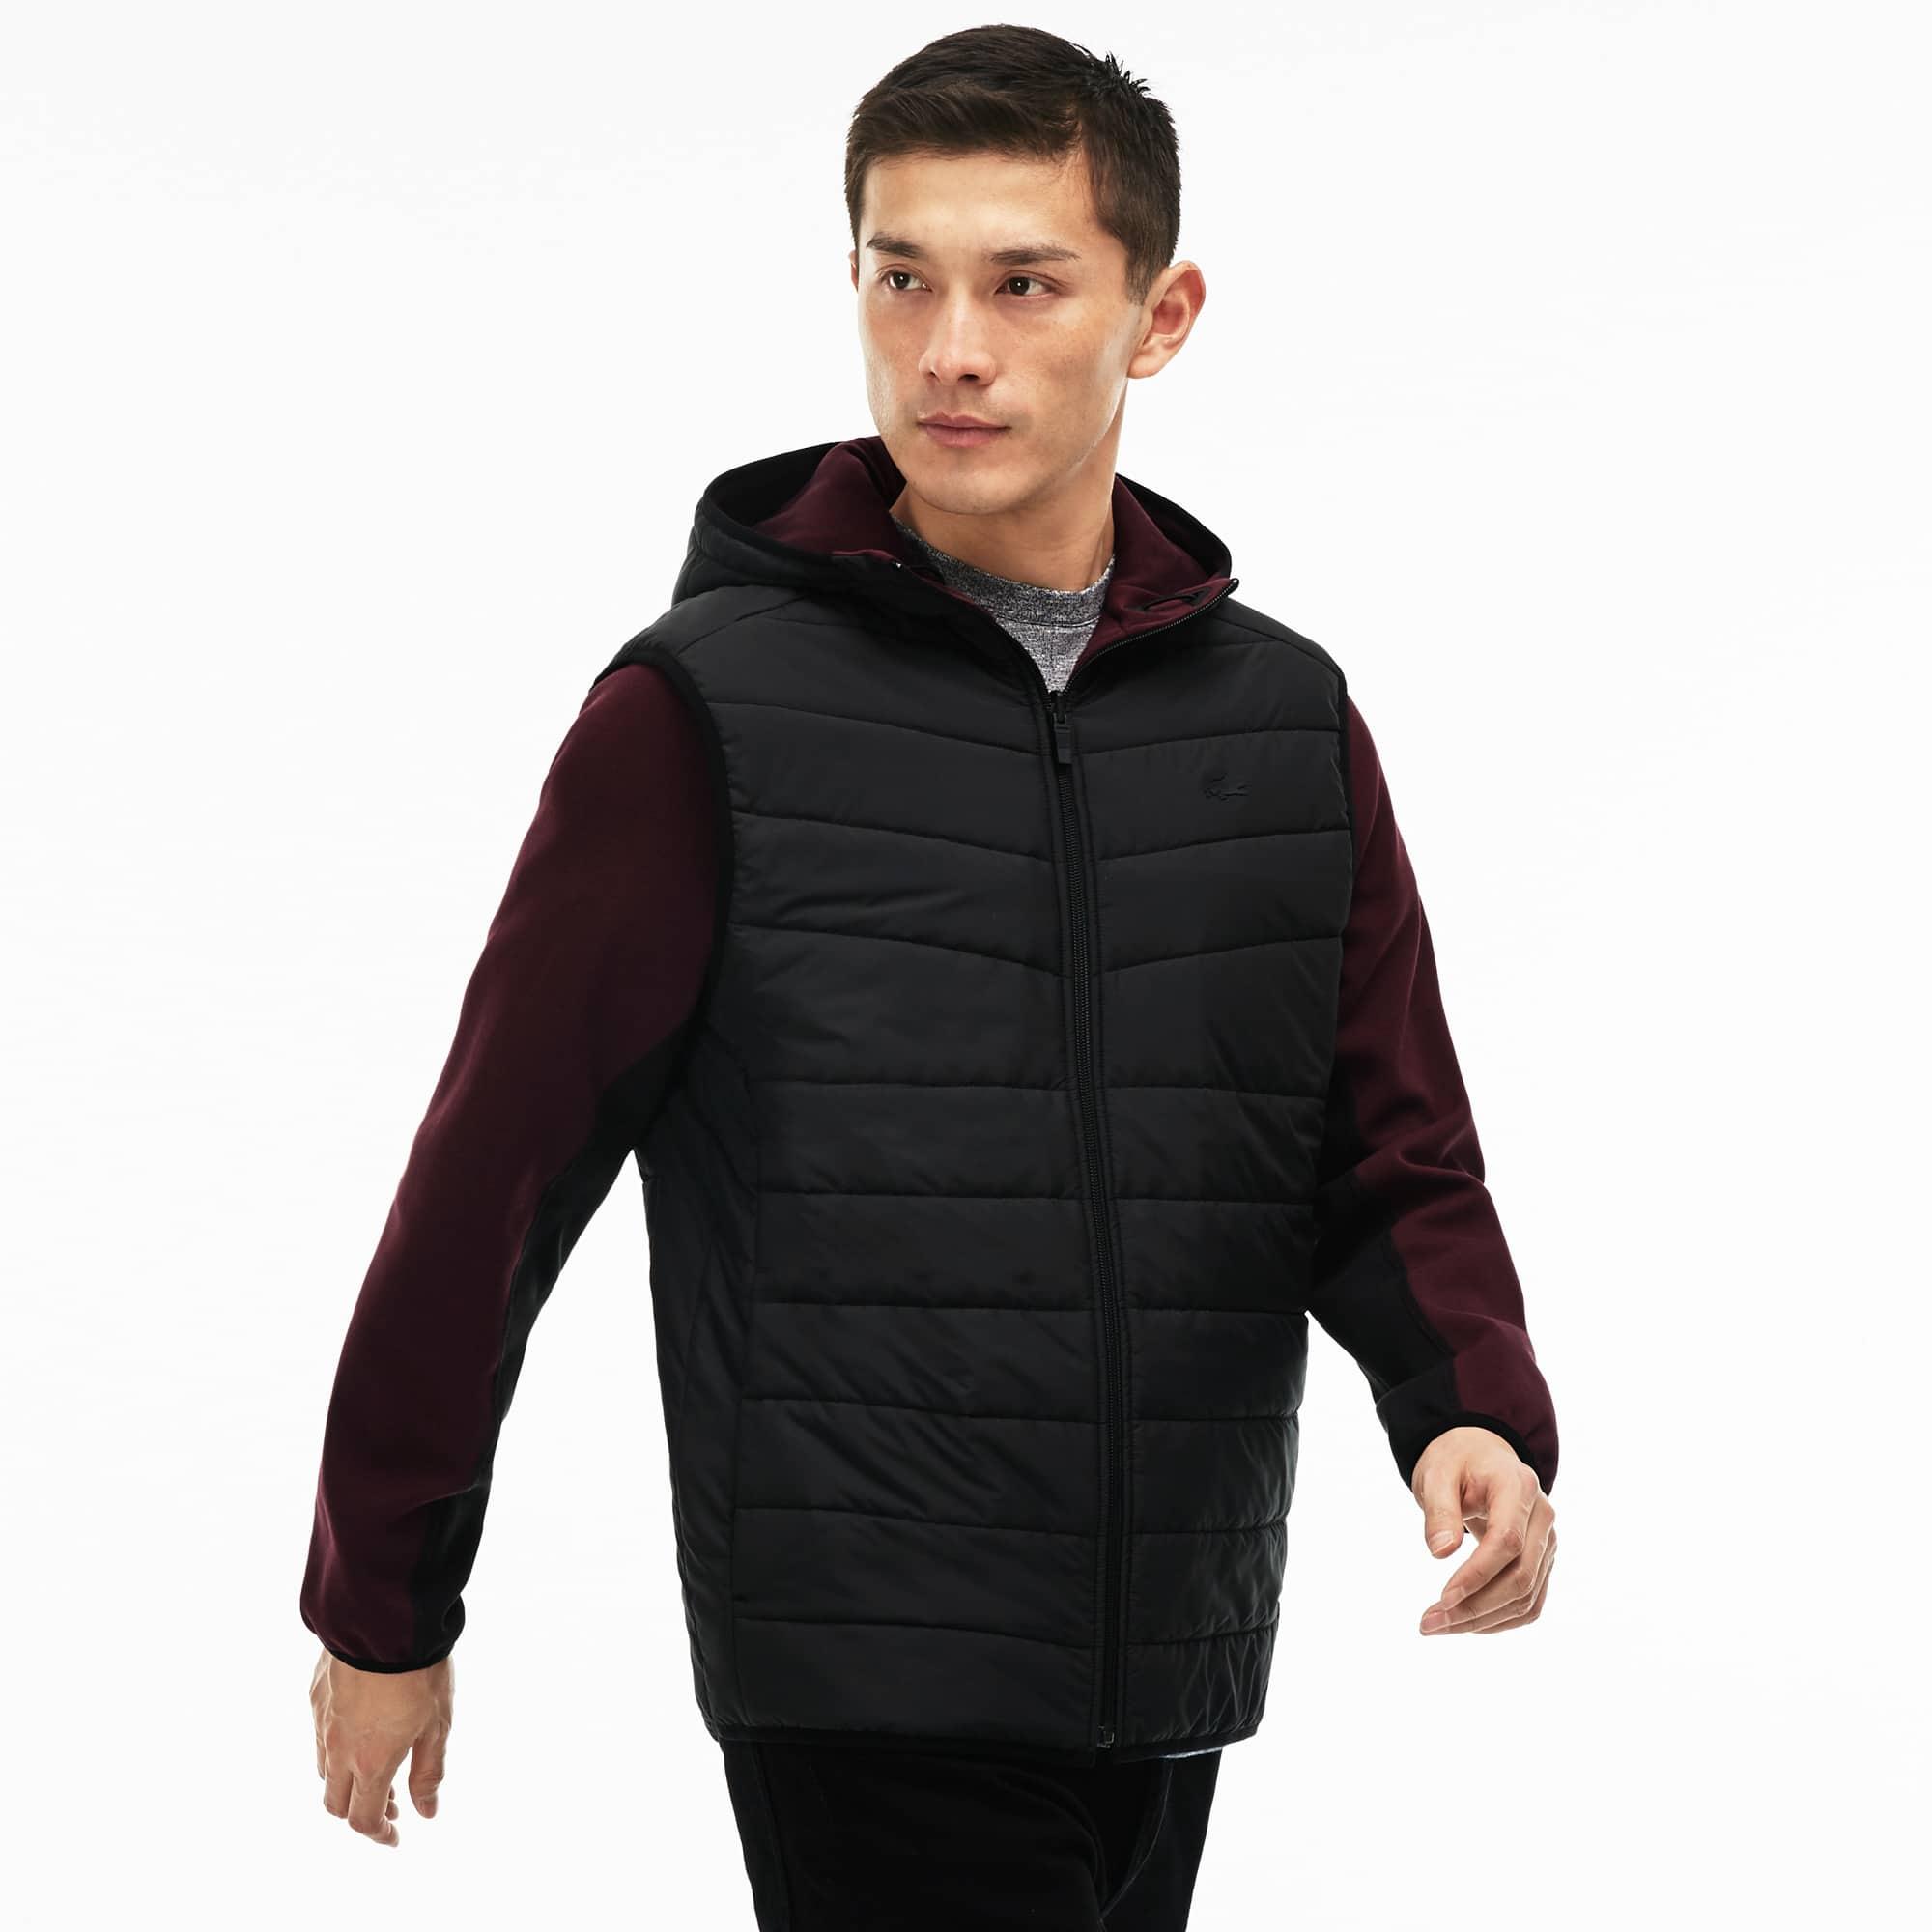 Felpa con zip e cappuccio in jersey trapuntato bicolore